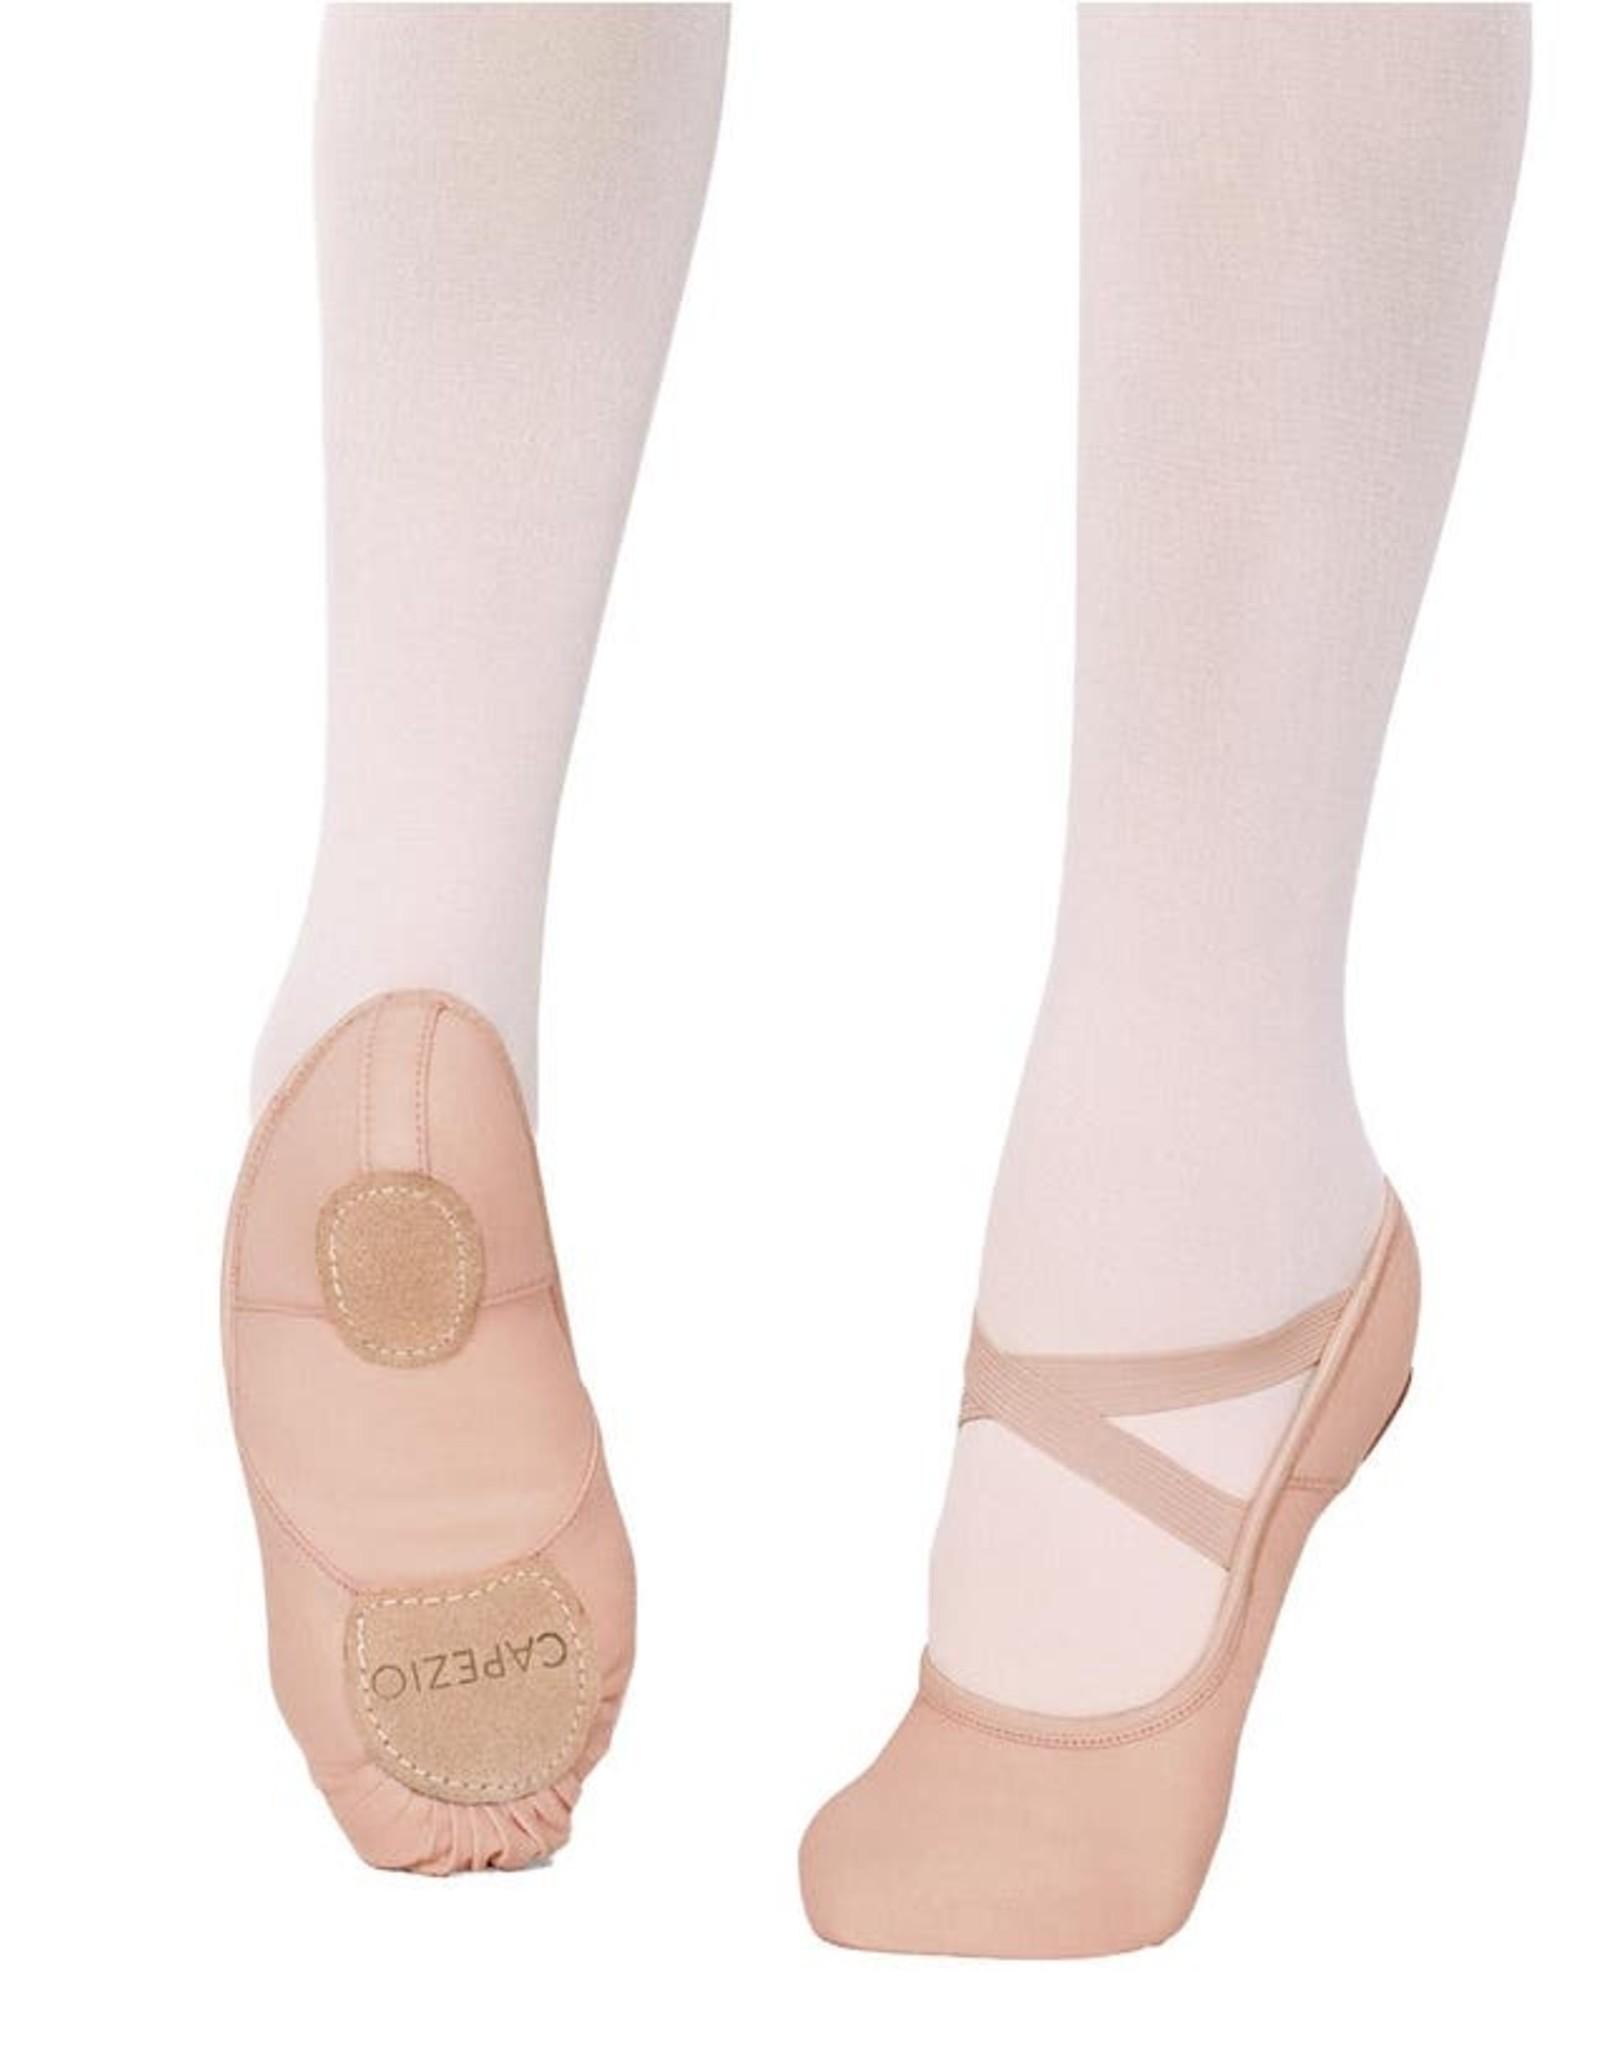 Capezio Capezio Canvas Hanami Ballet Shoe